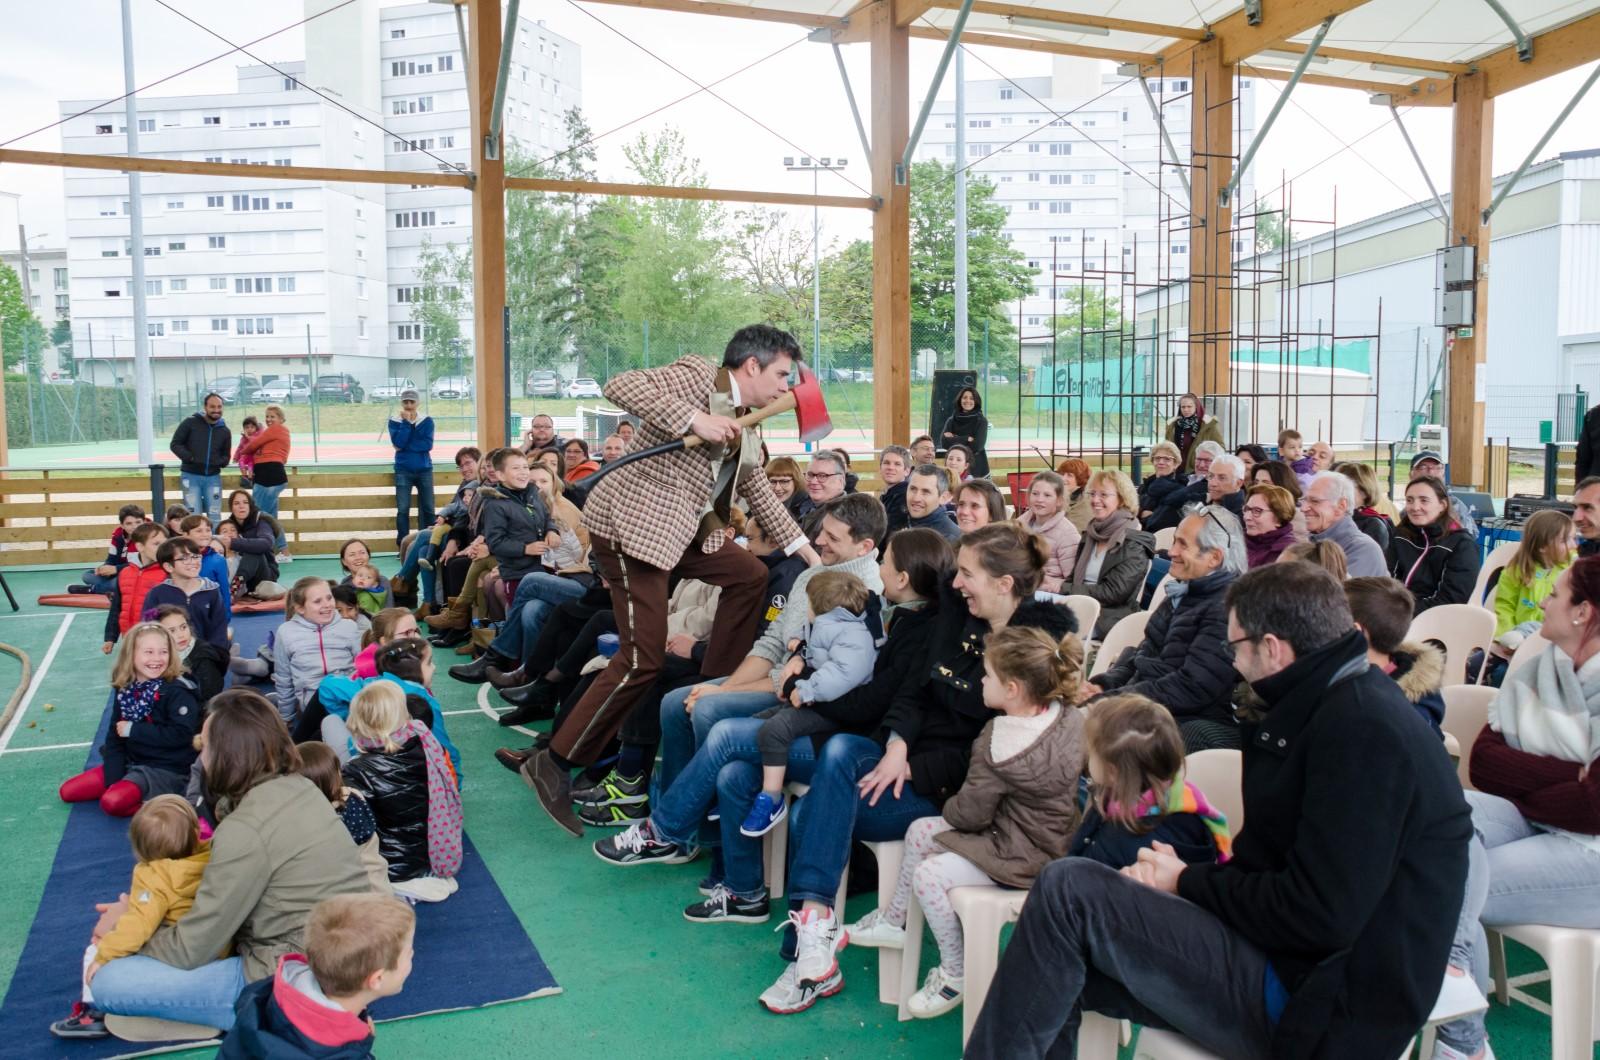 Cloture saison culturelle 2018-2019 Compagnie des Petits Détournements à Bellerive